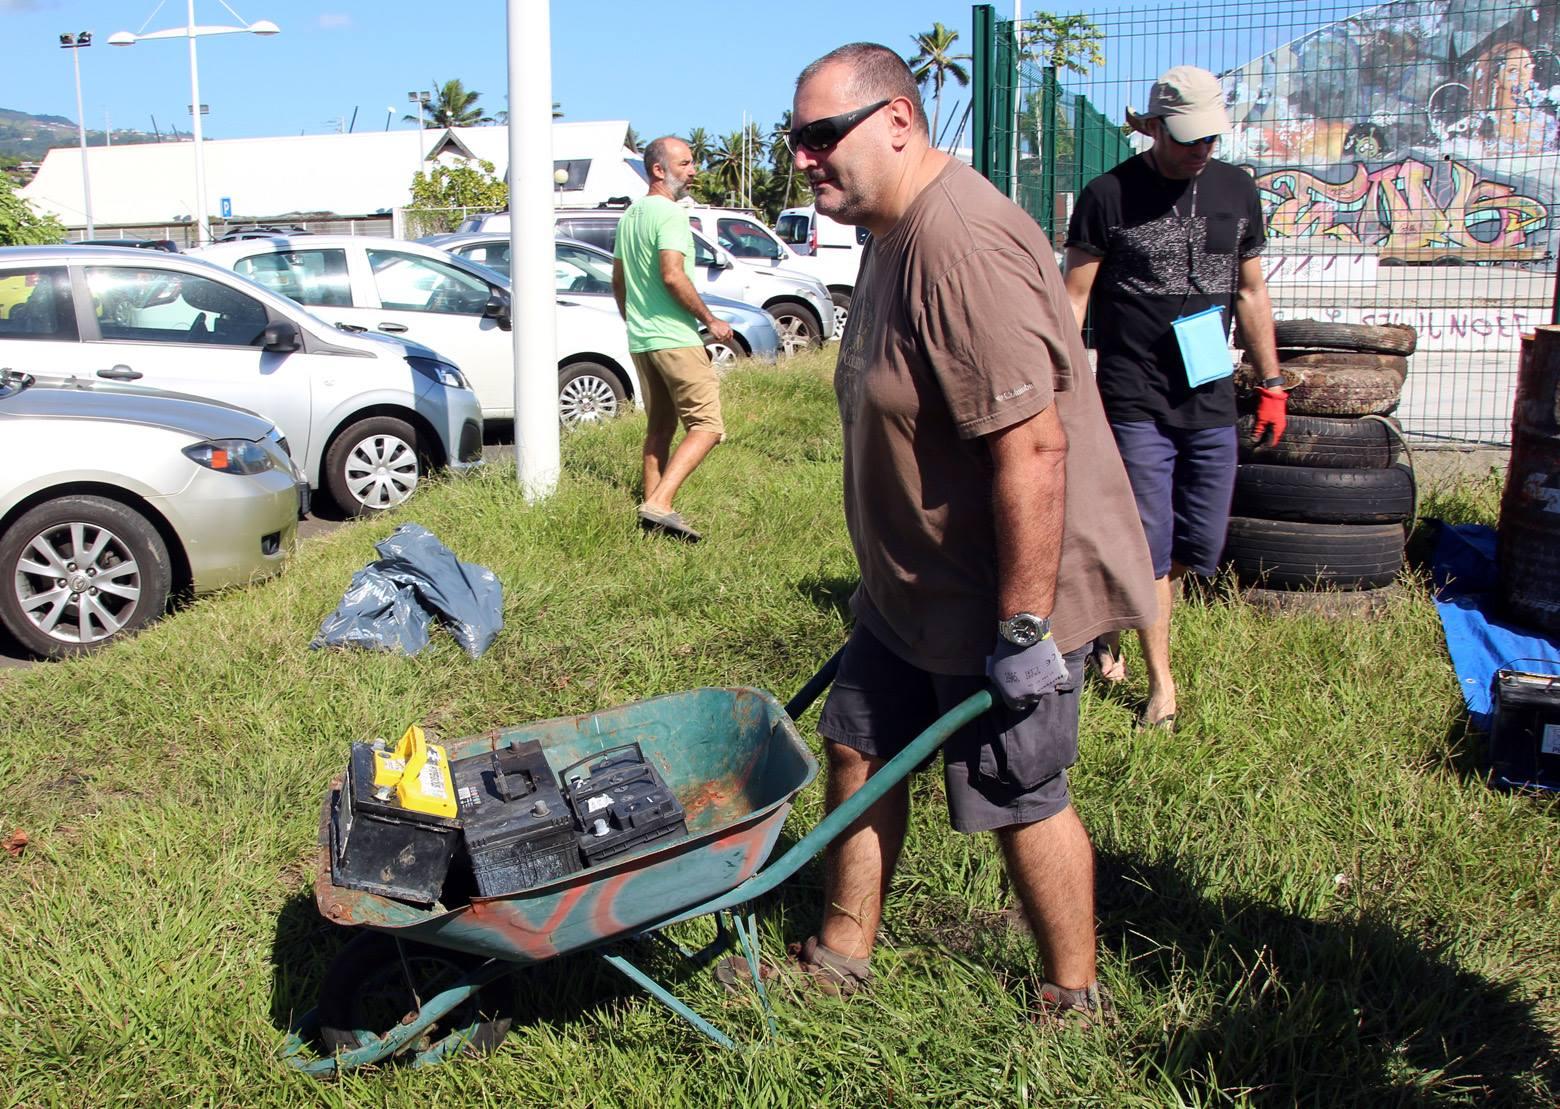 Des bénévoles ont nettoyé les alentours du parking, du pont et du skate park.